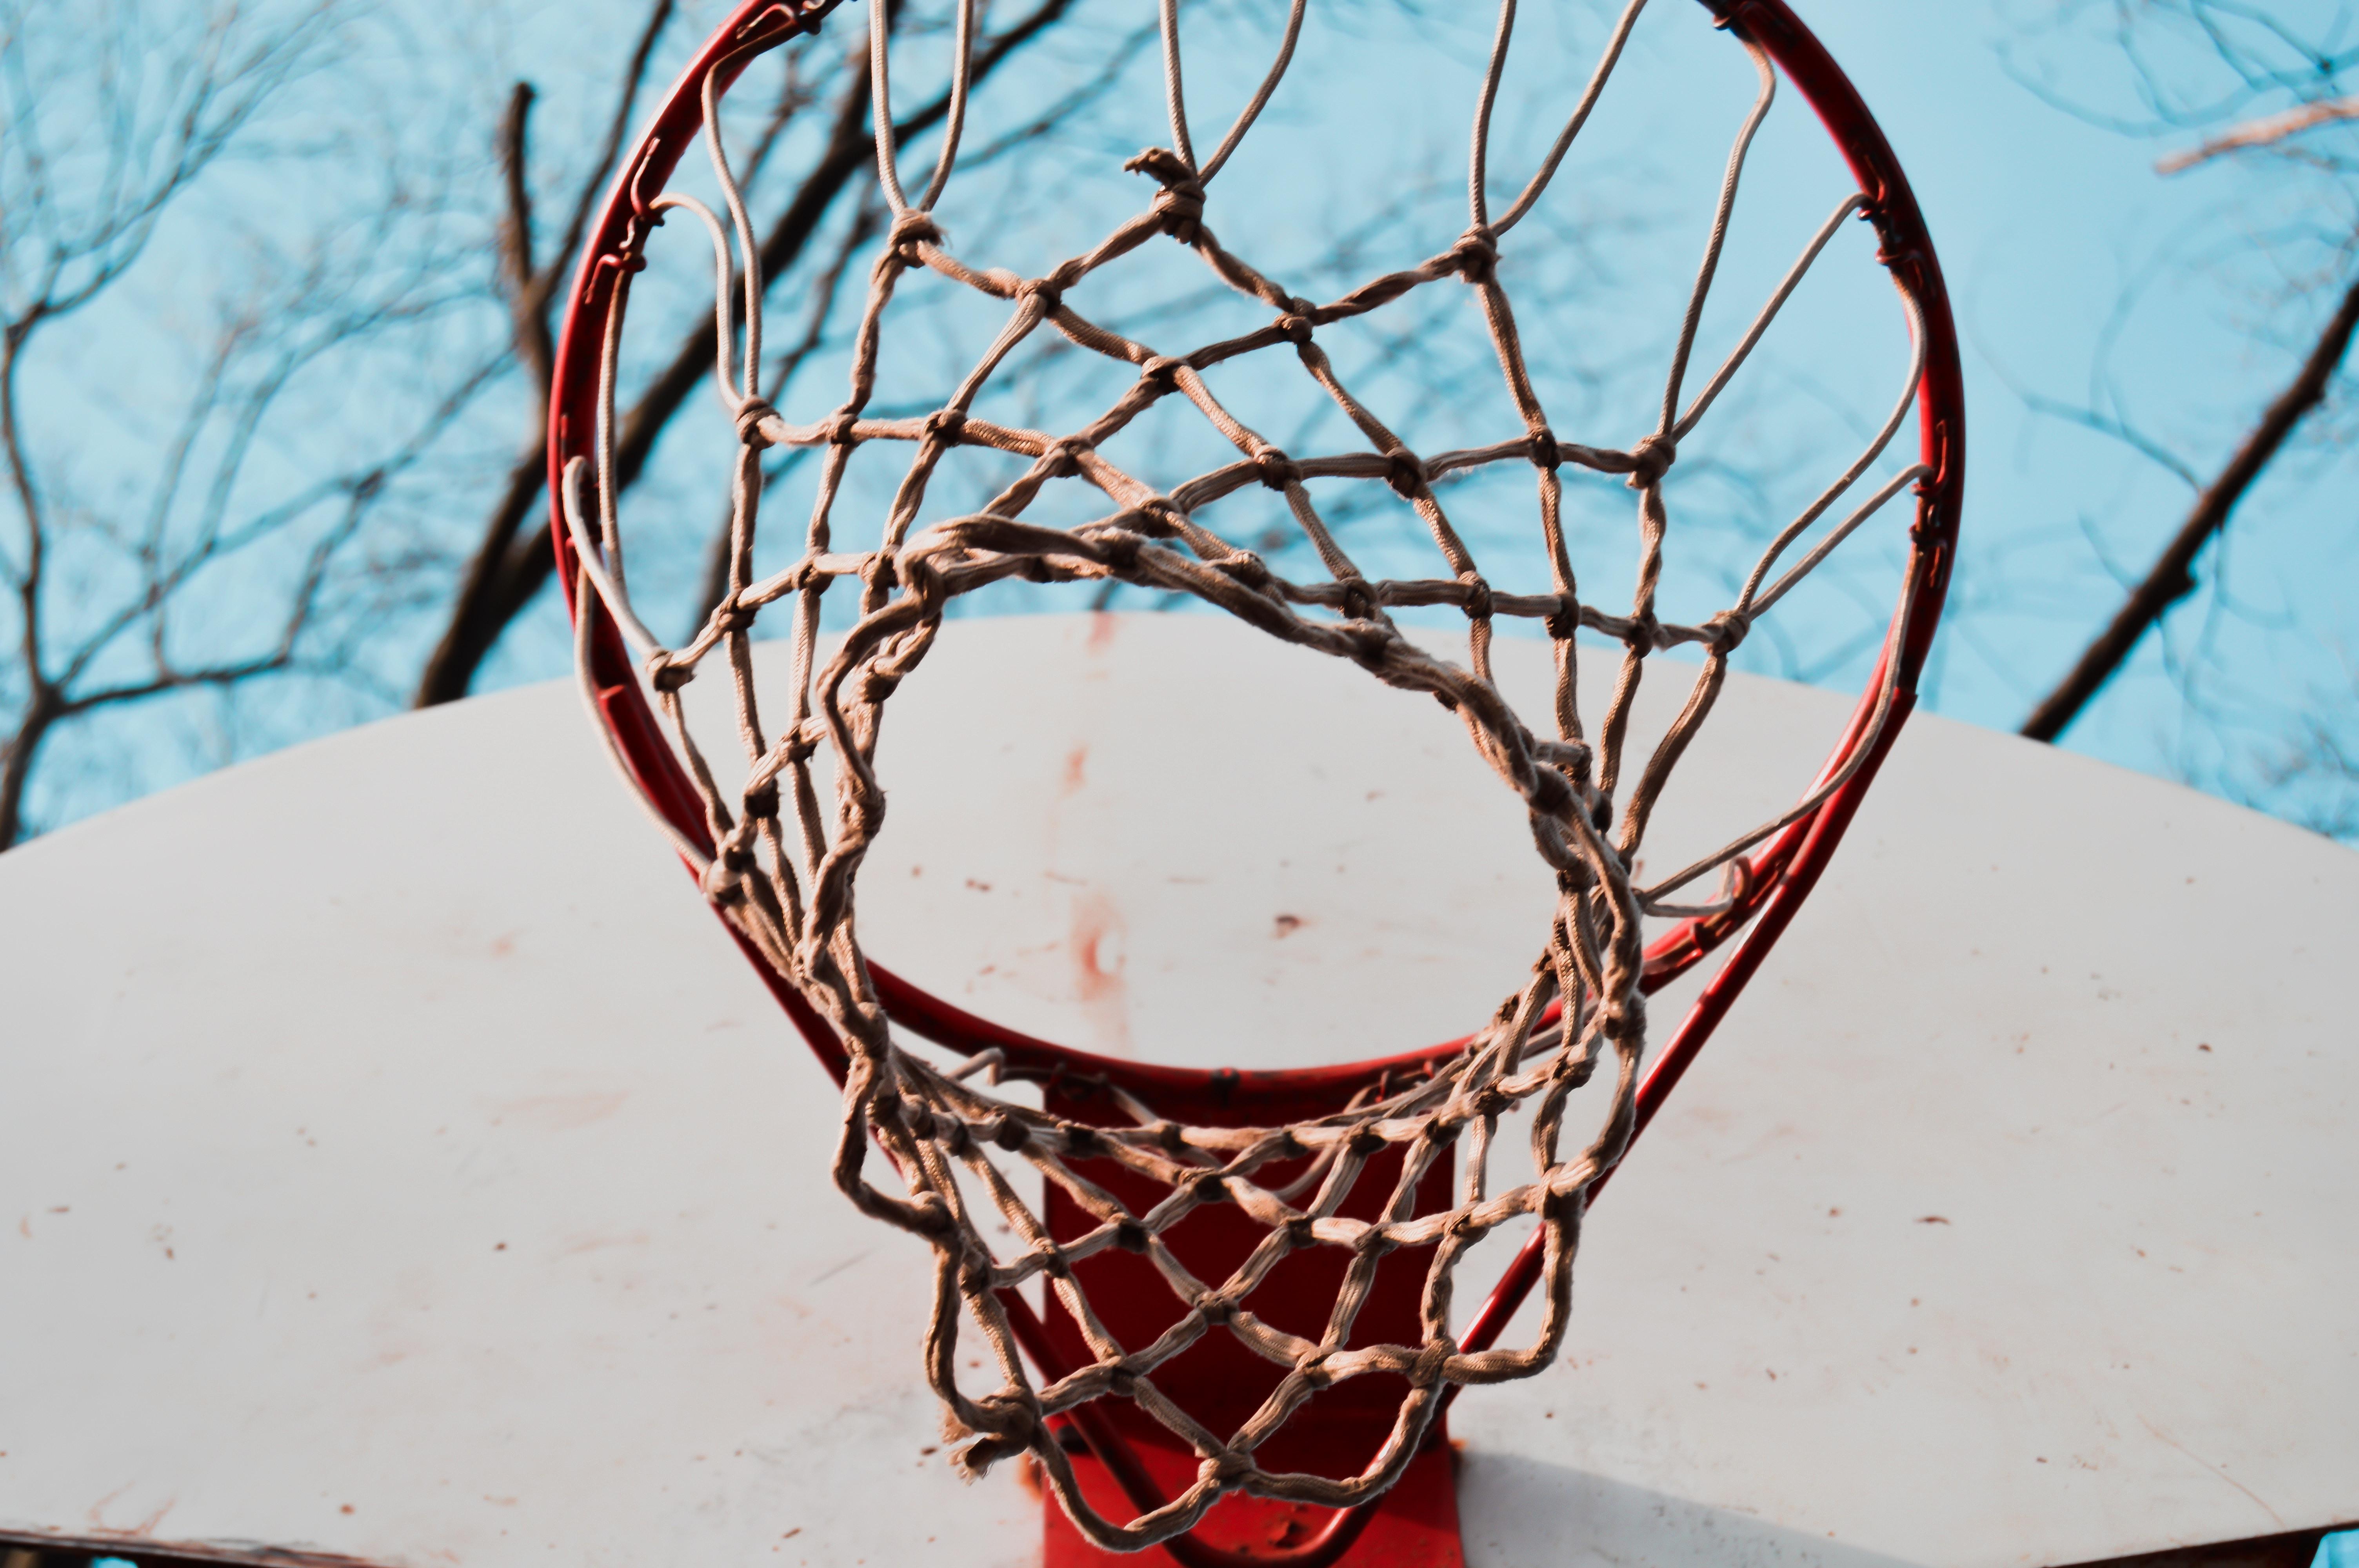 low angel view of basketball hoop